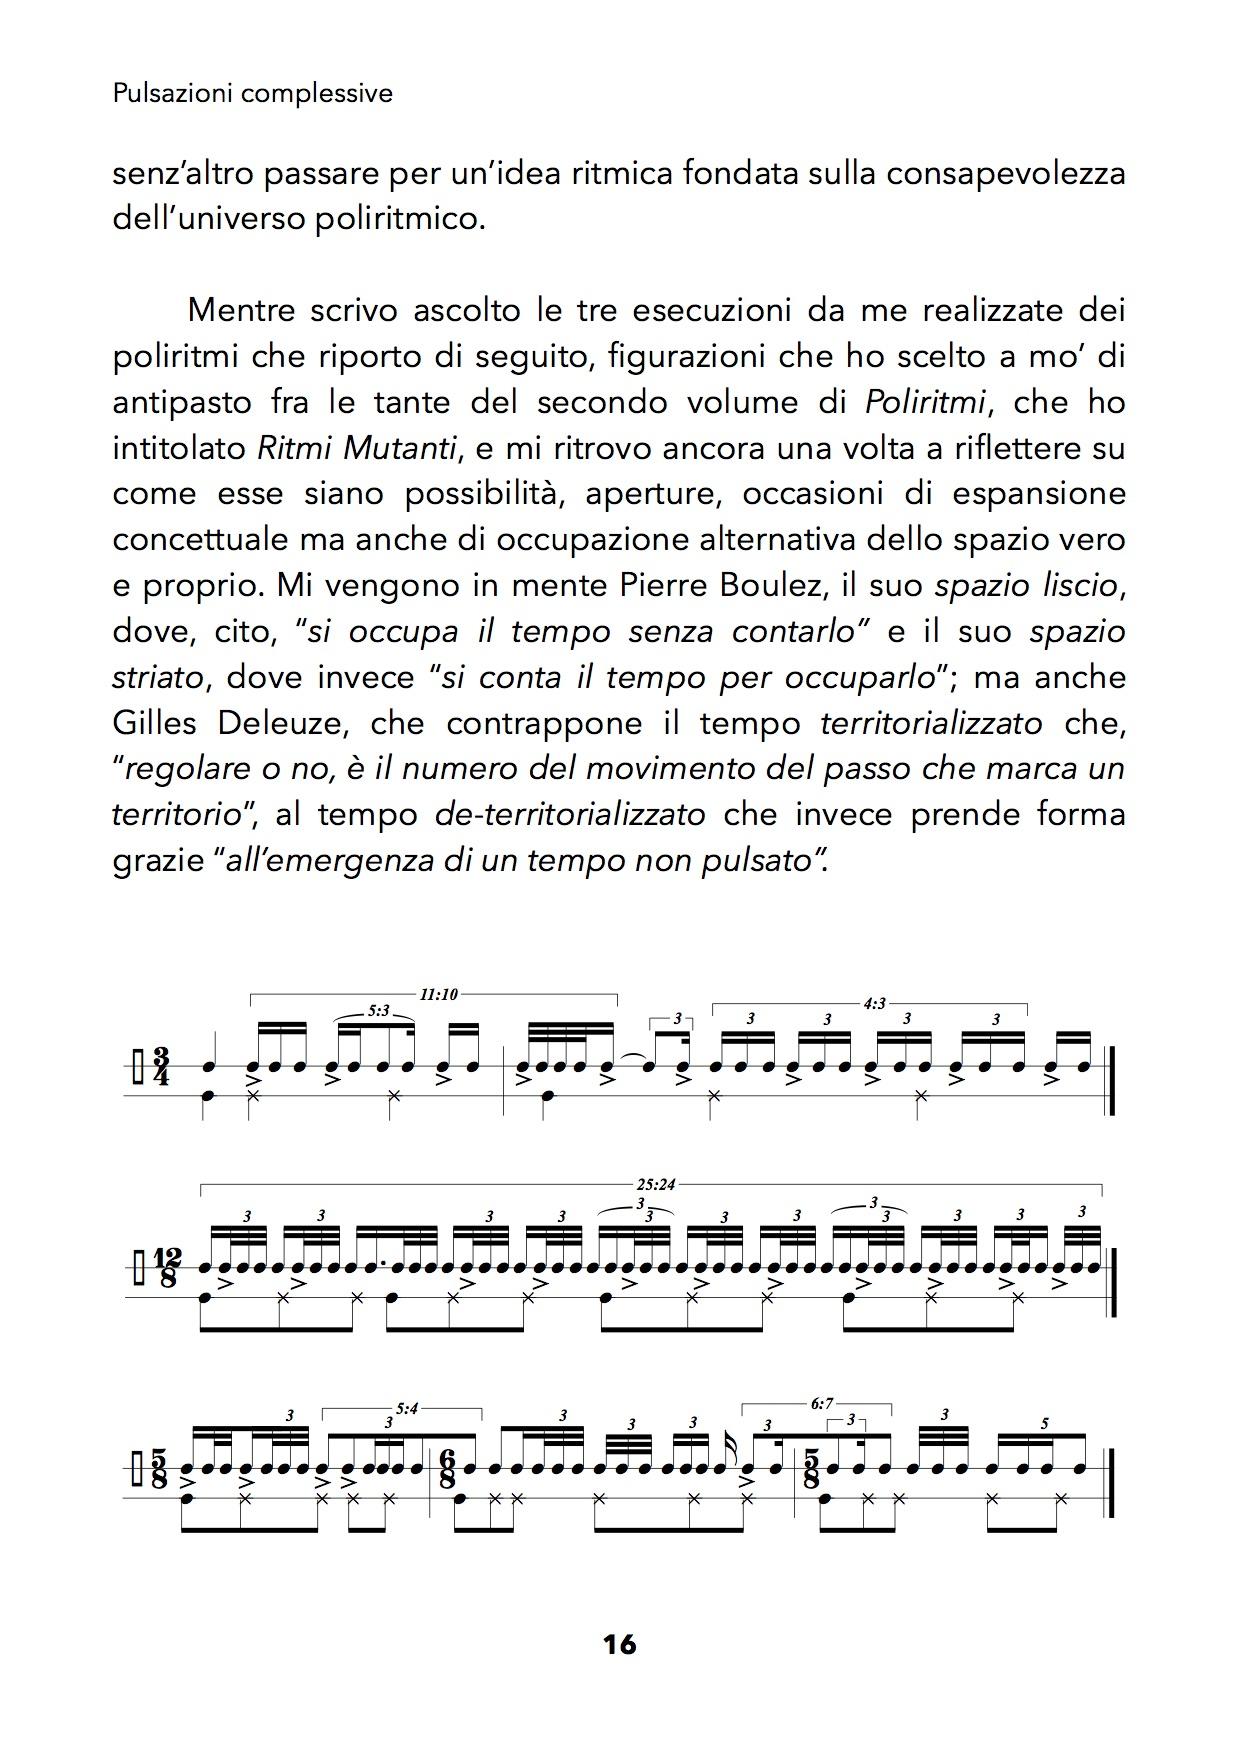 Pag. 16, ita.jpg